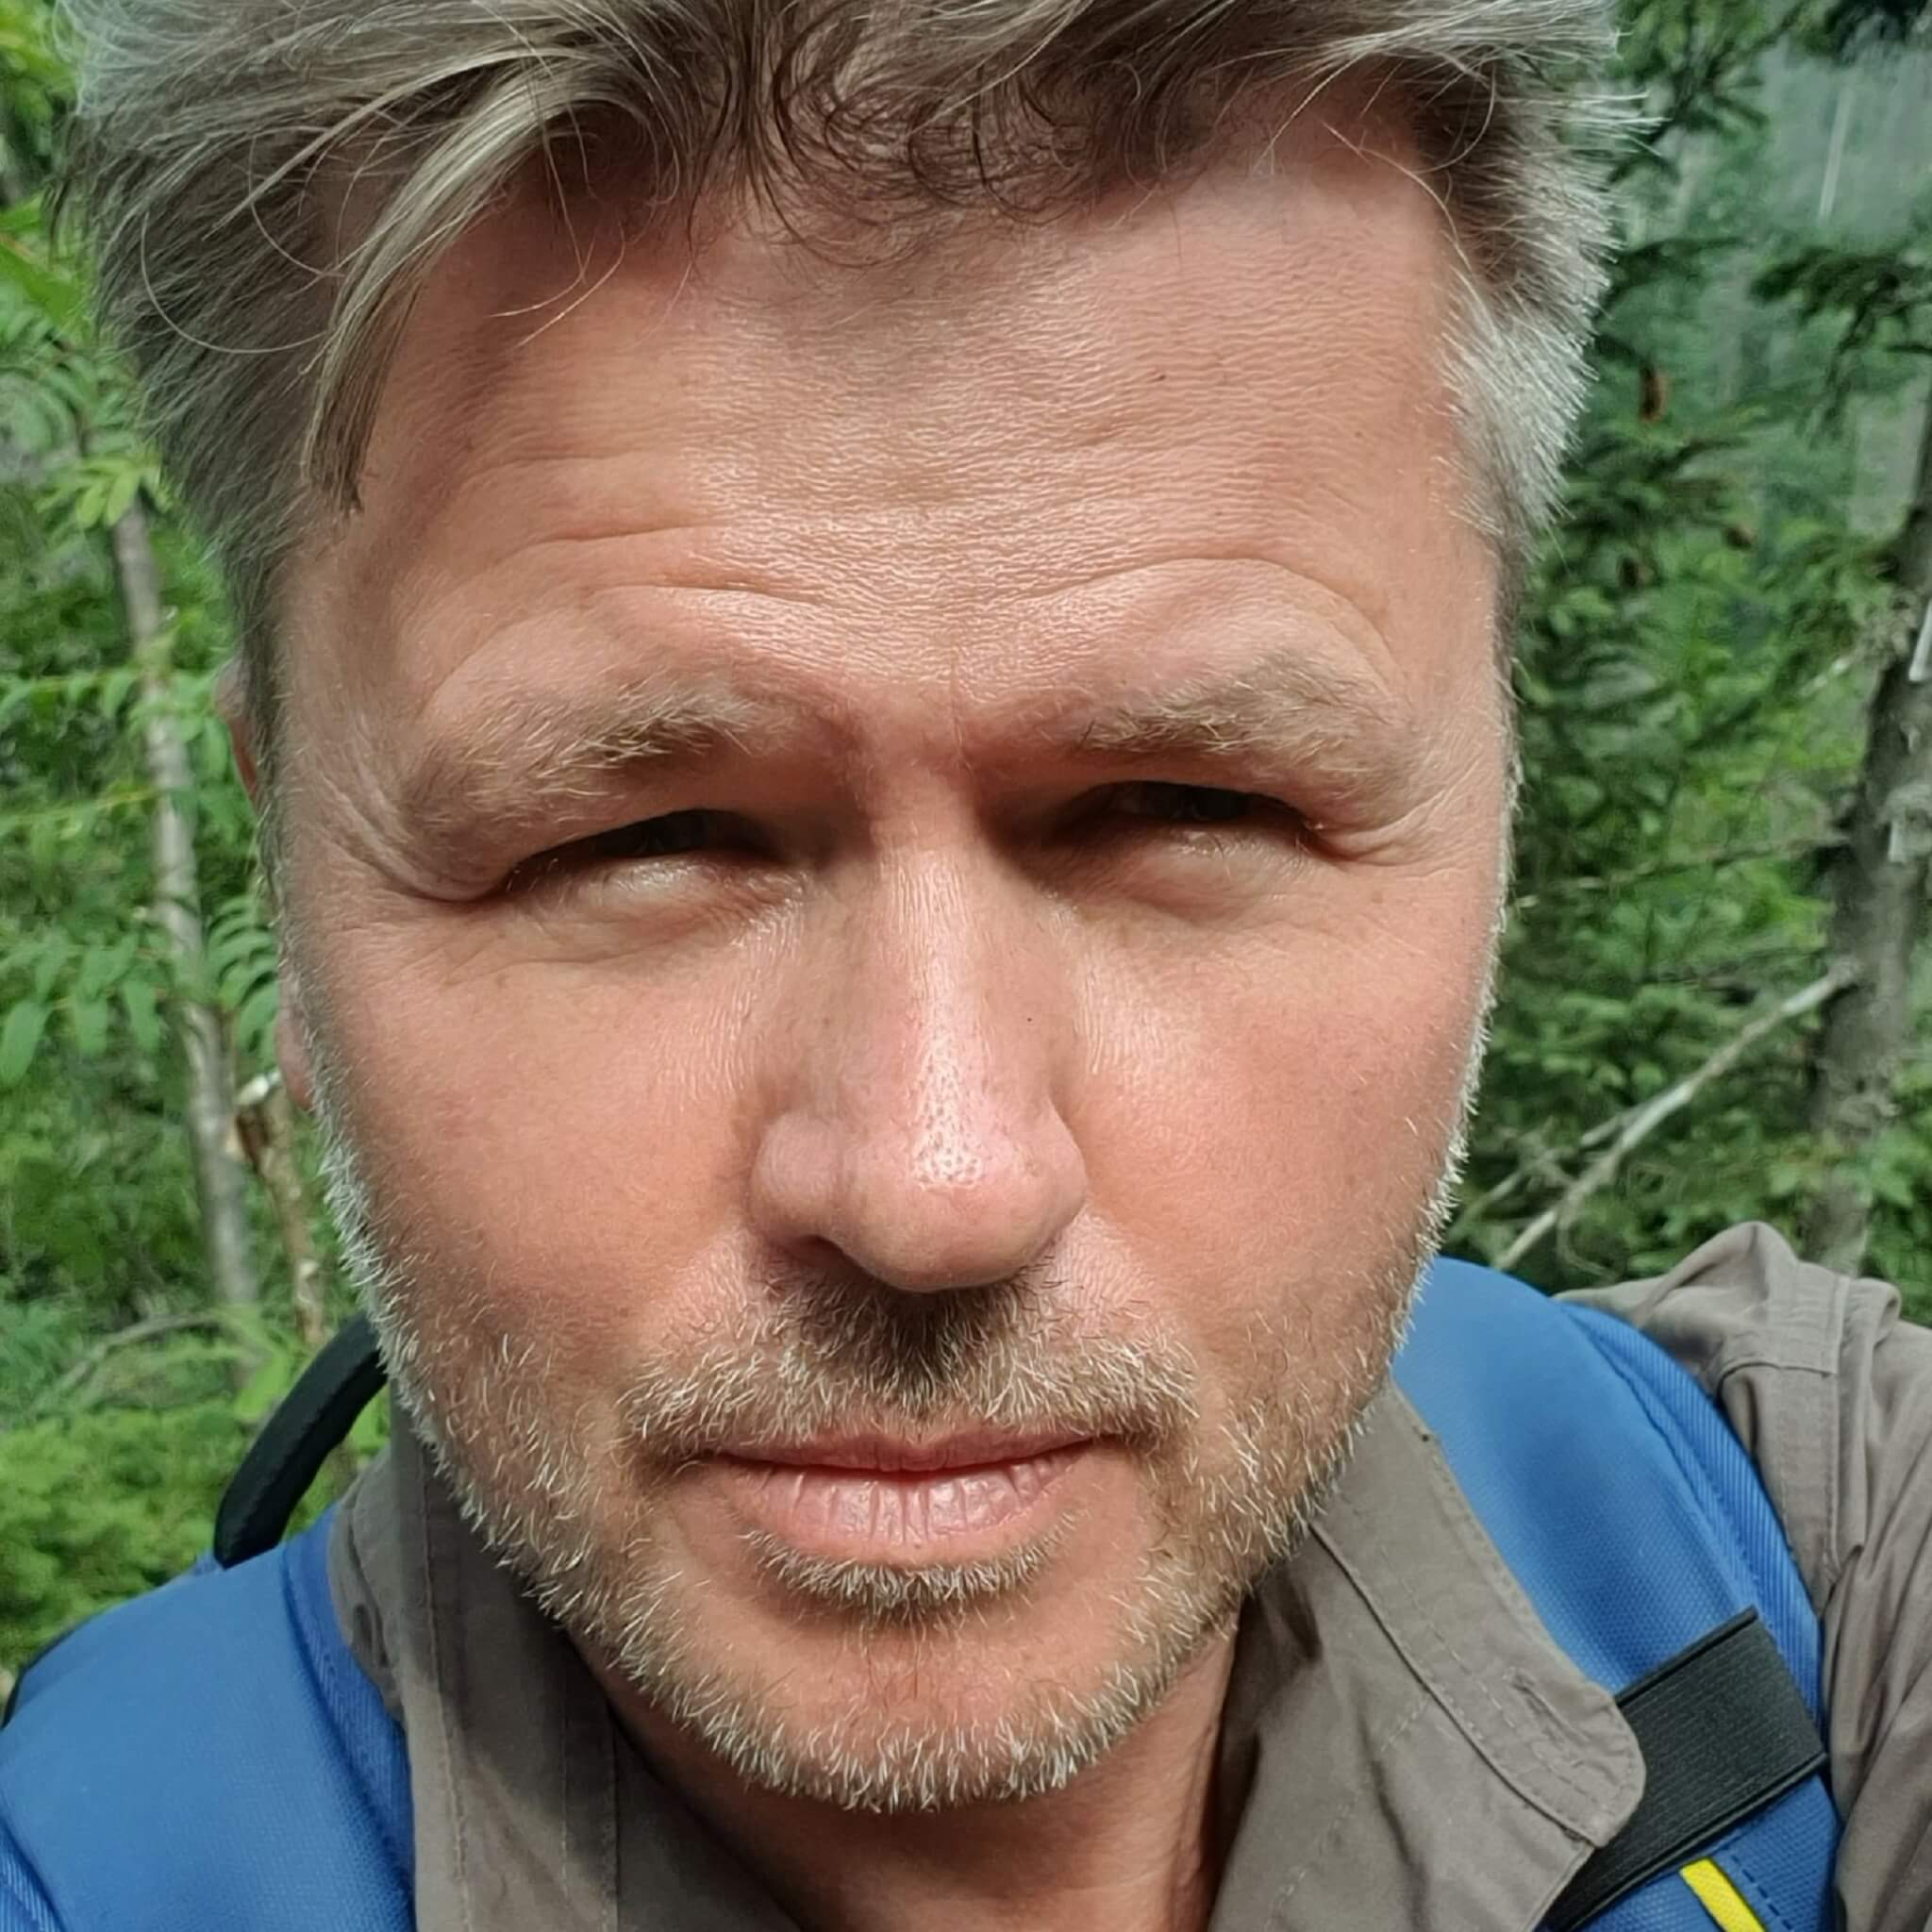 Dziennikarz i podróżnik związany z TVN24 oraz TTV.  Aktor scen muzycznych i autor 8 książek, m.in. podróżniczych, powieści i poradników skutecznego mówienia. Jego programy podróżnicze można oglądać m.in. w Travel Channel i Player.pl.